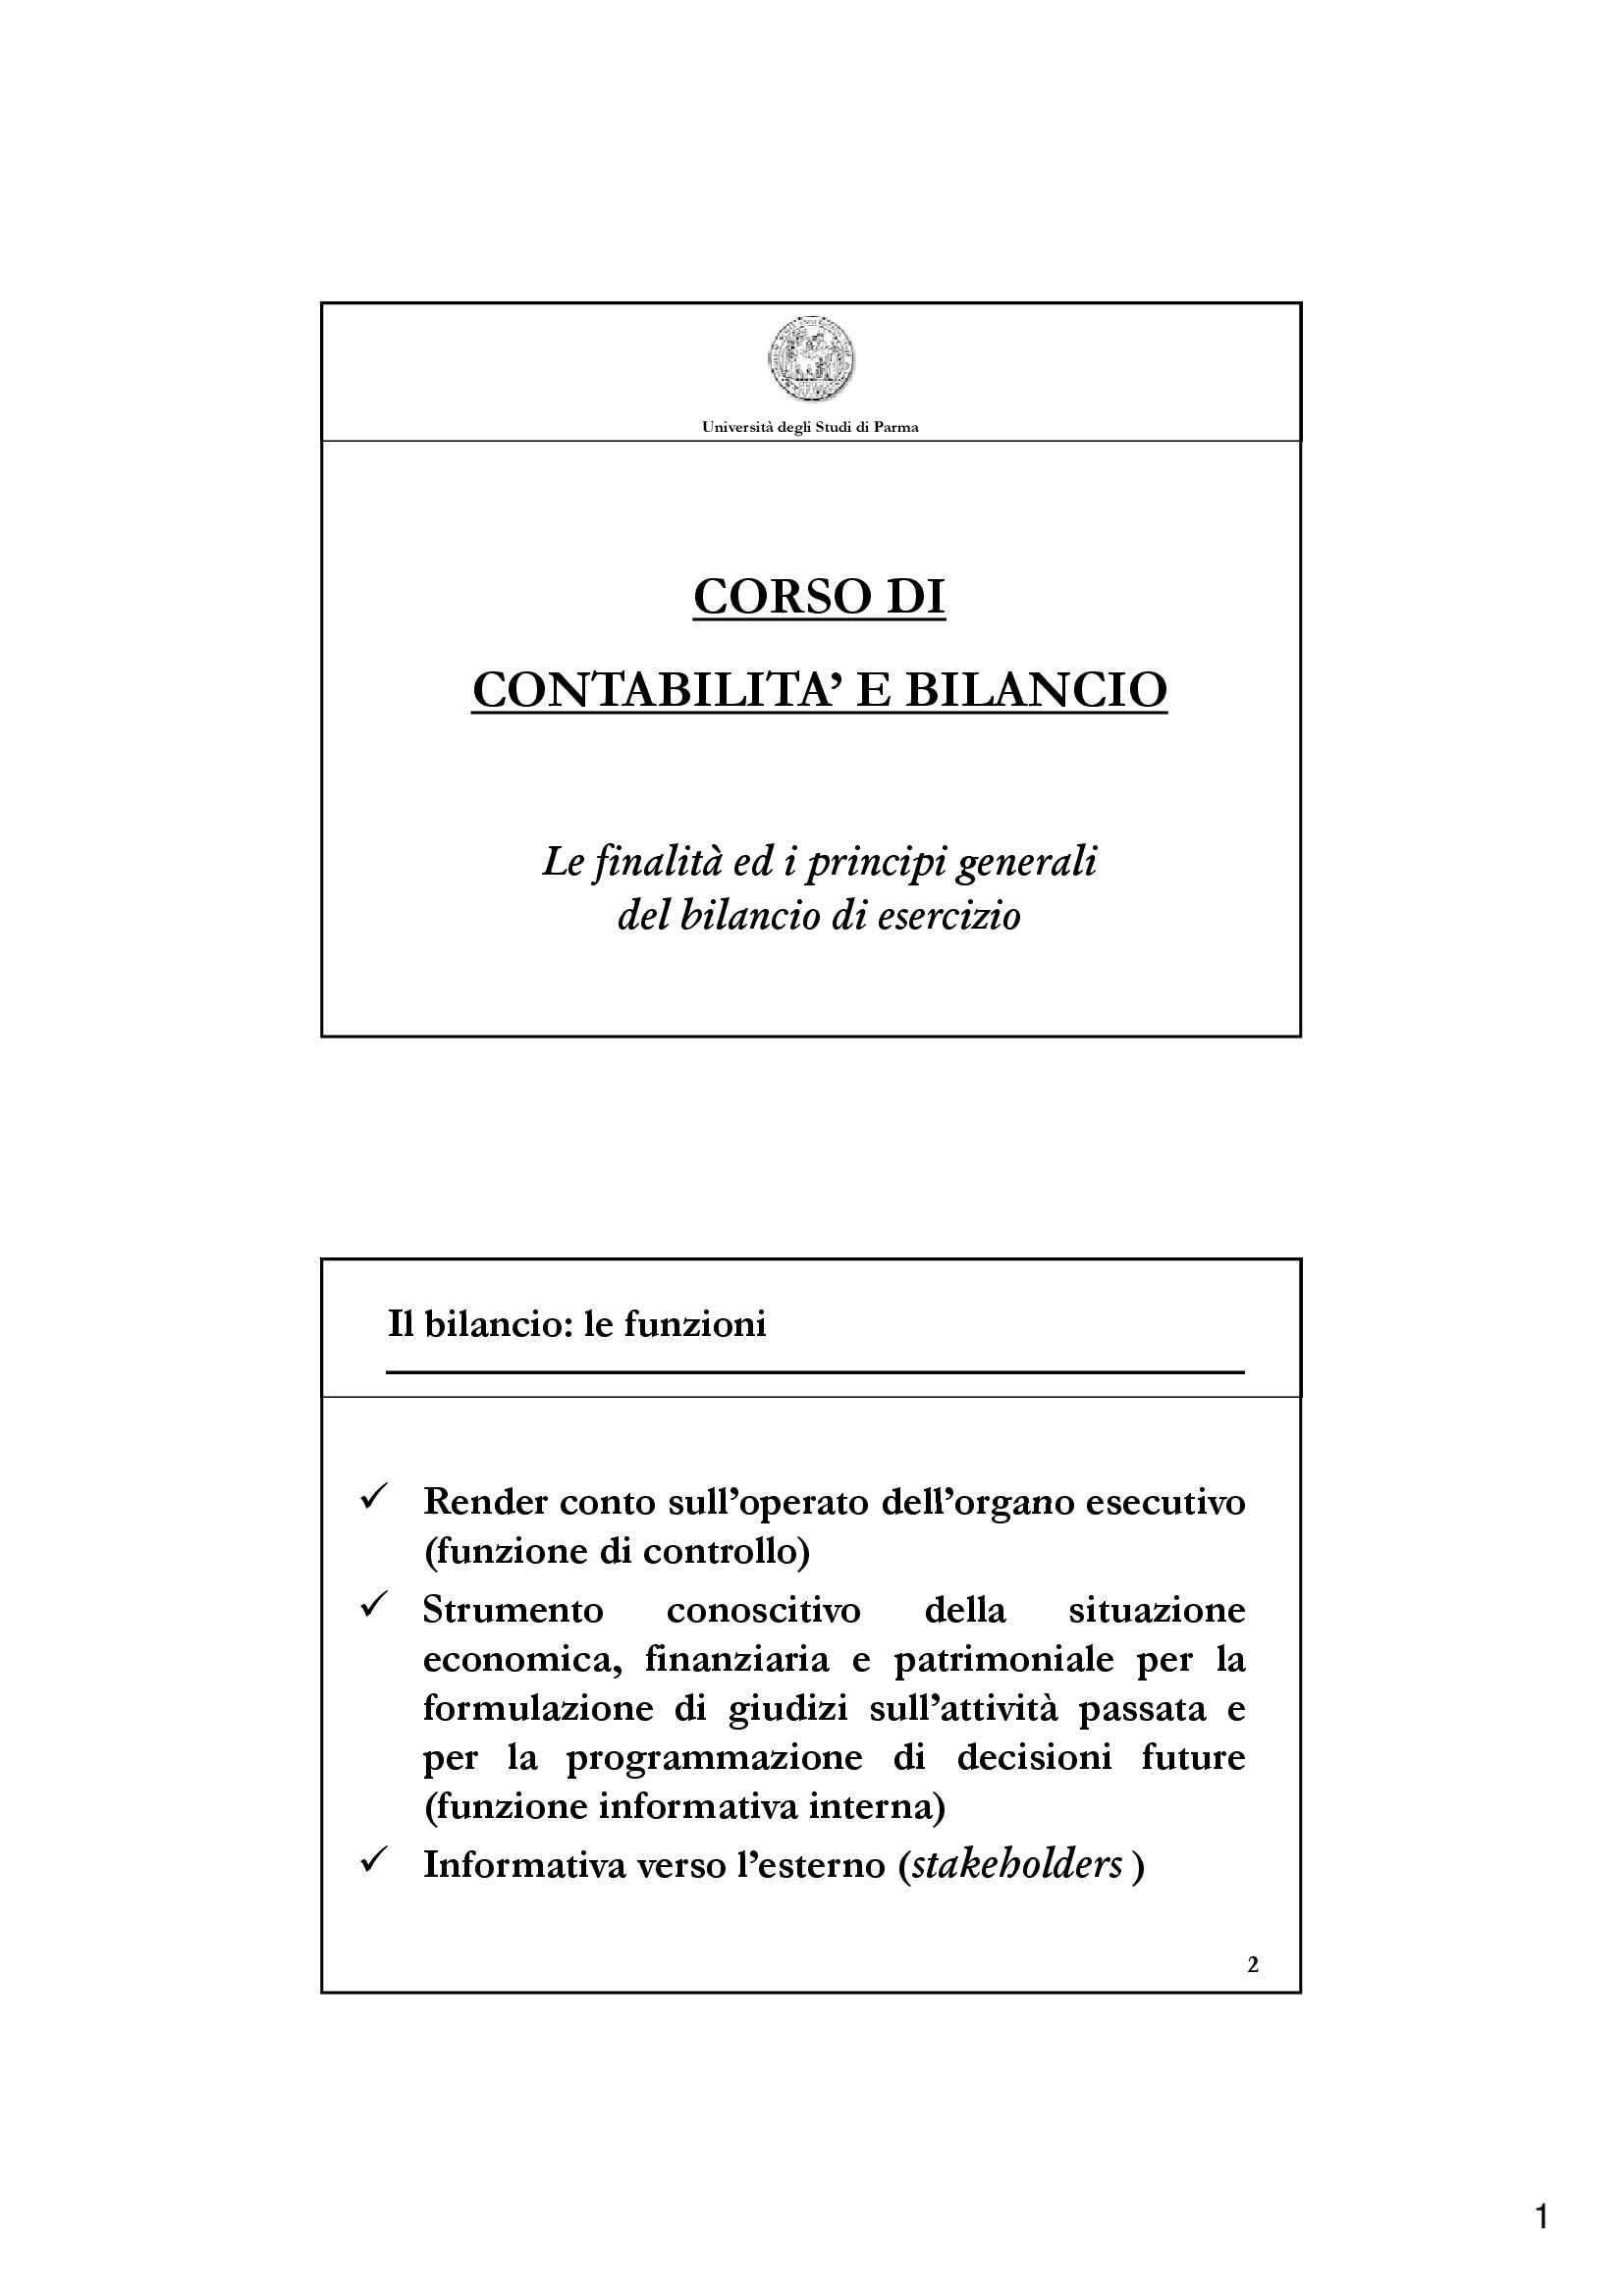 Contabilità e bilancio - le finalità ed i principi generali del bilancio d'esercizio